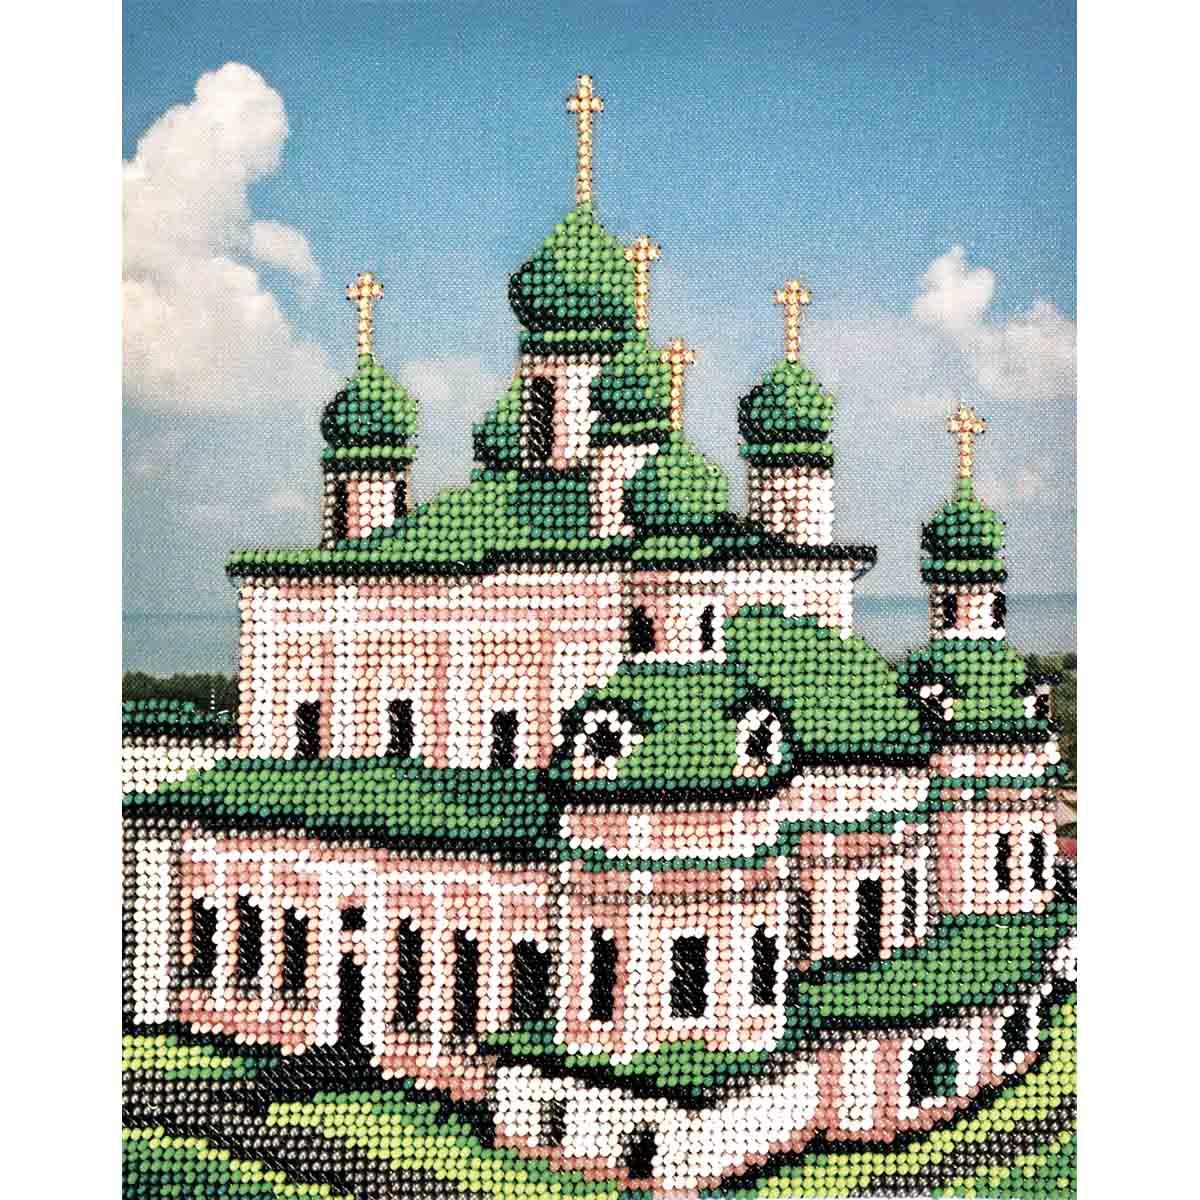 З-103 Набор для вышивания бисером 'Созвездие'серия 'Золотое кольцо'.Никитский мужской монастырь 18*22см